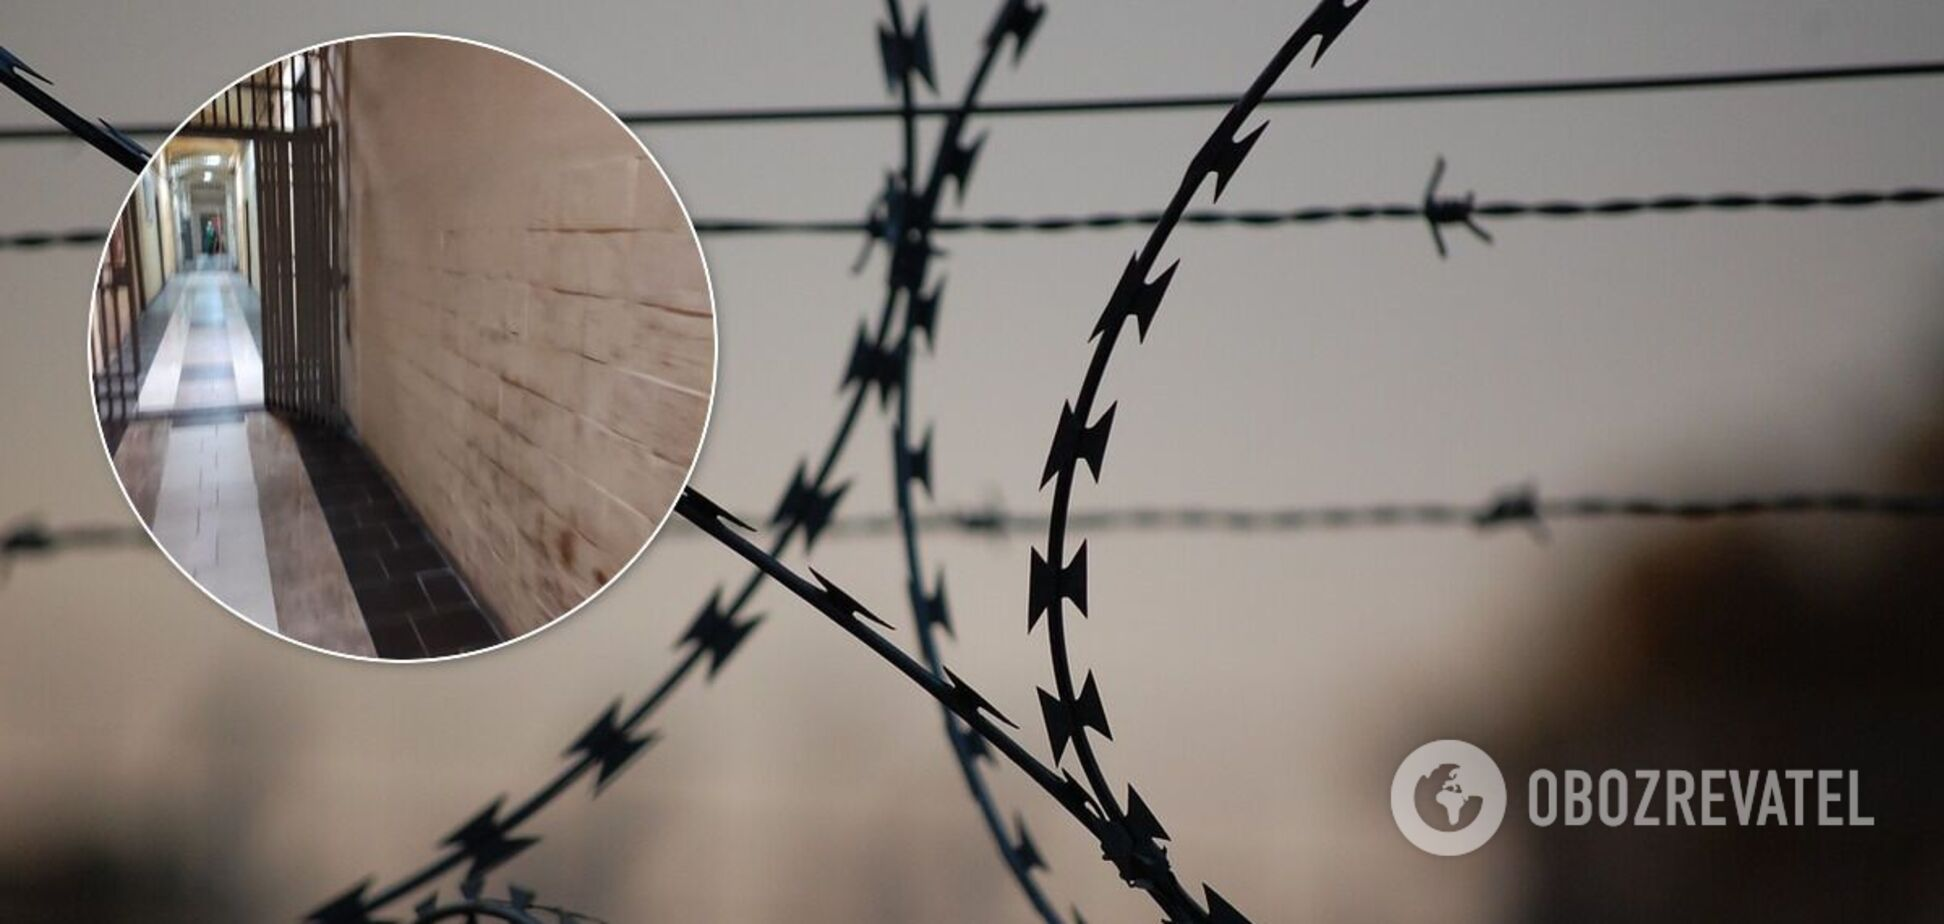 Заключенные 'сбегают' из тюрьмы в 'ЛНР' на войну